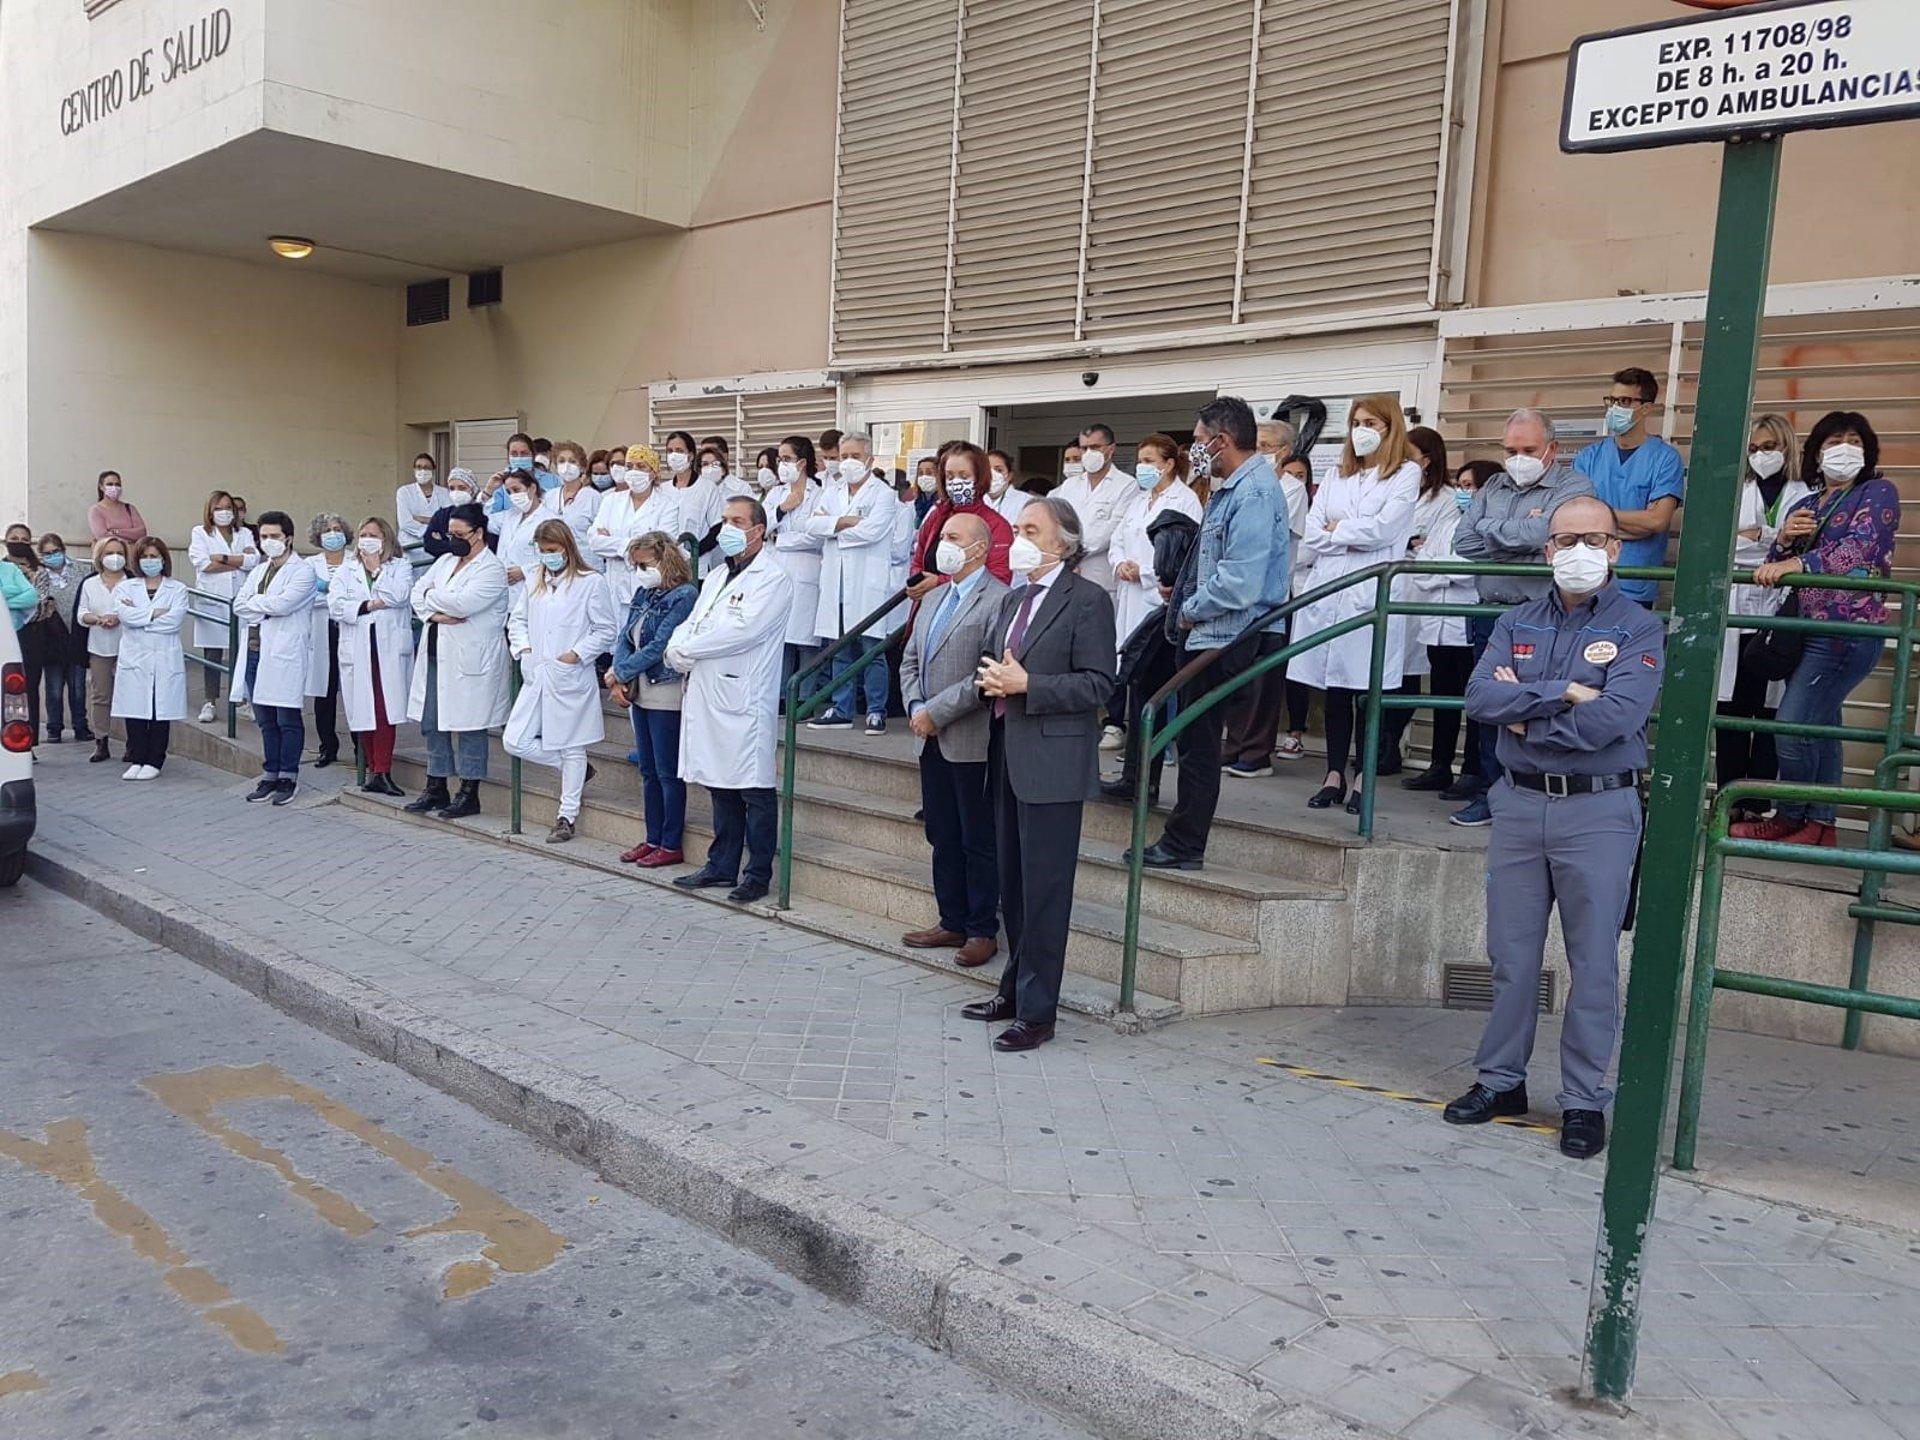 Fallece por Covid-19 una enfermera del centro de salud Zaidín Sur